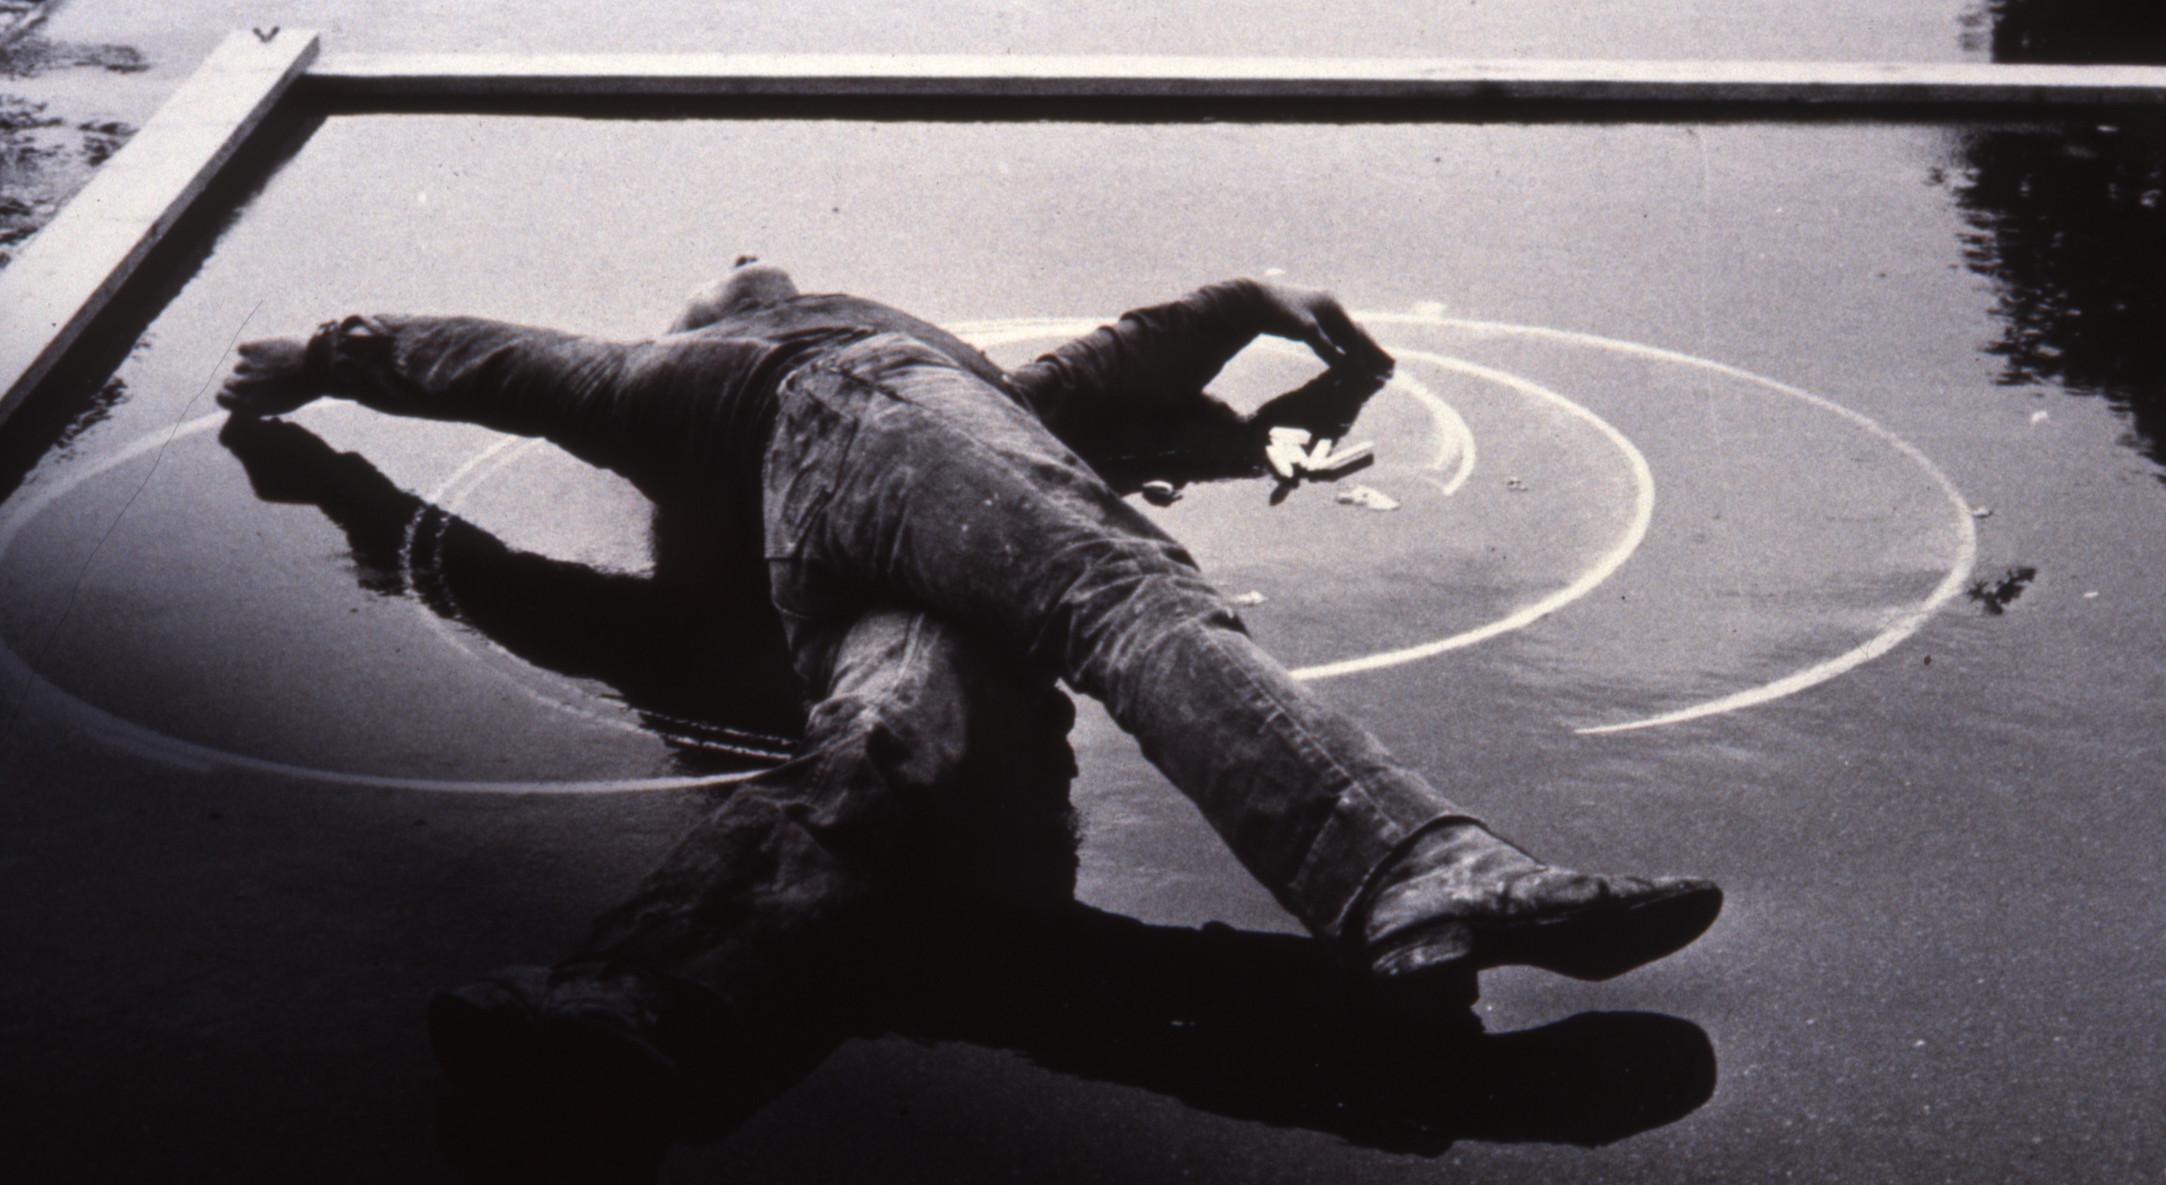 Stuart Brisley, Beneath Dignity, 1977, Performance Englische Kunst Der Gegenwart, Bregenz, Collection Tate (detail)